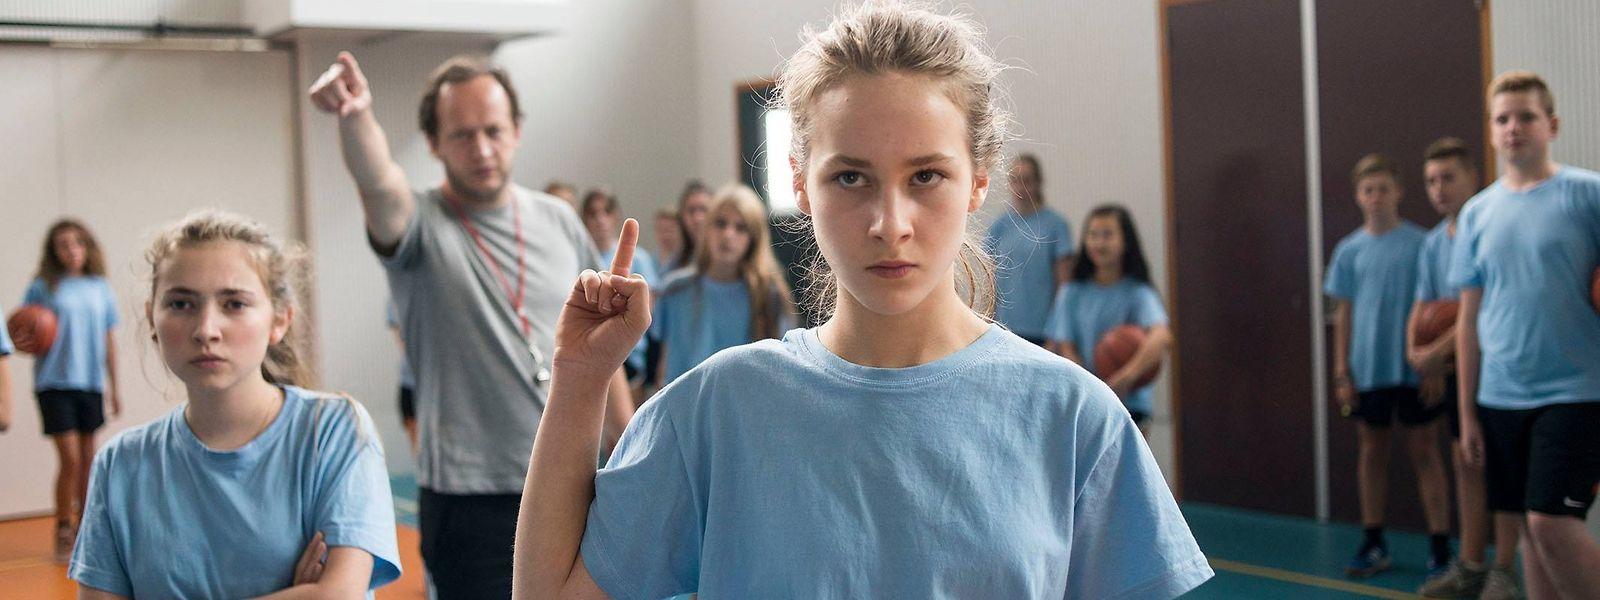 """""""Fight Girl"""" erzählt die Geschichte der zwölfjährigen Bo, die nach der Scheidung ihrer Eltern in einen Amsterdamer Kickboxclub ihr Selbstvertrauen stärkt."""